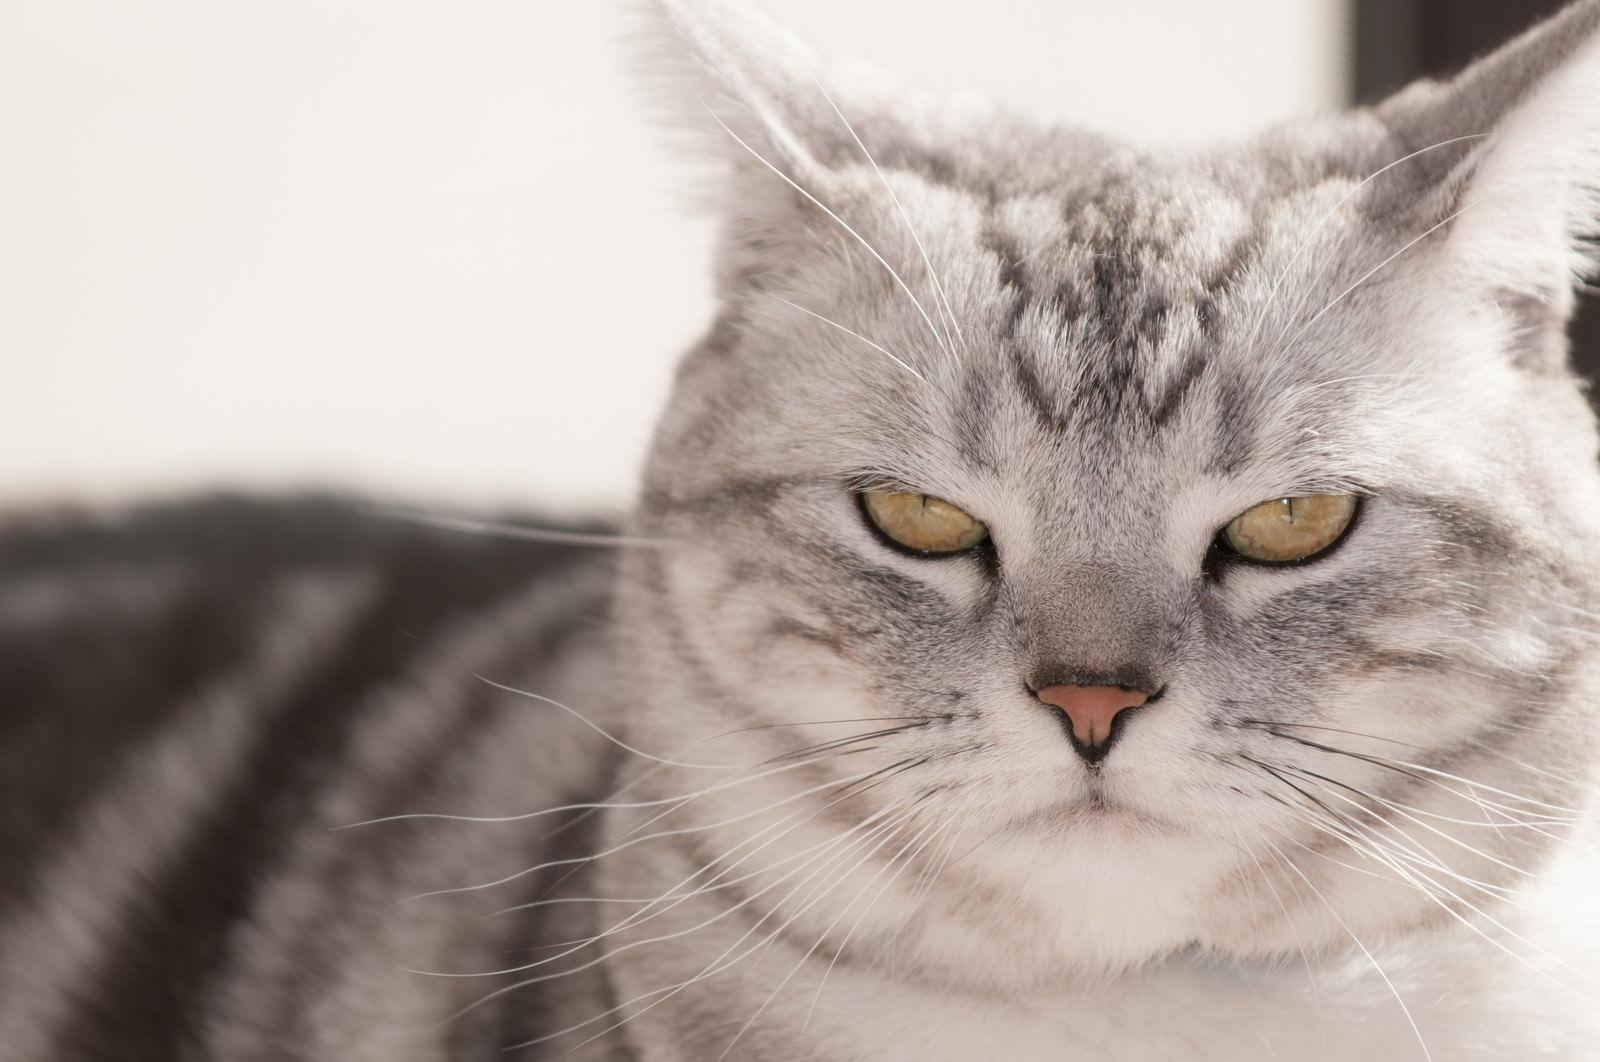 「示談の条件を言い渡す猫 | 写真の無料素材・フリー素材 - ぱくたそ」の写真